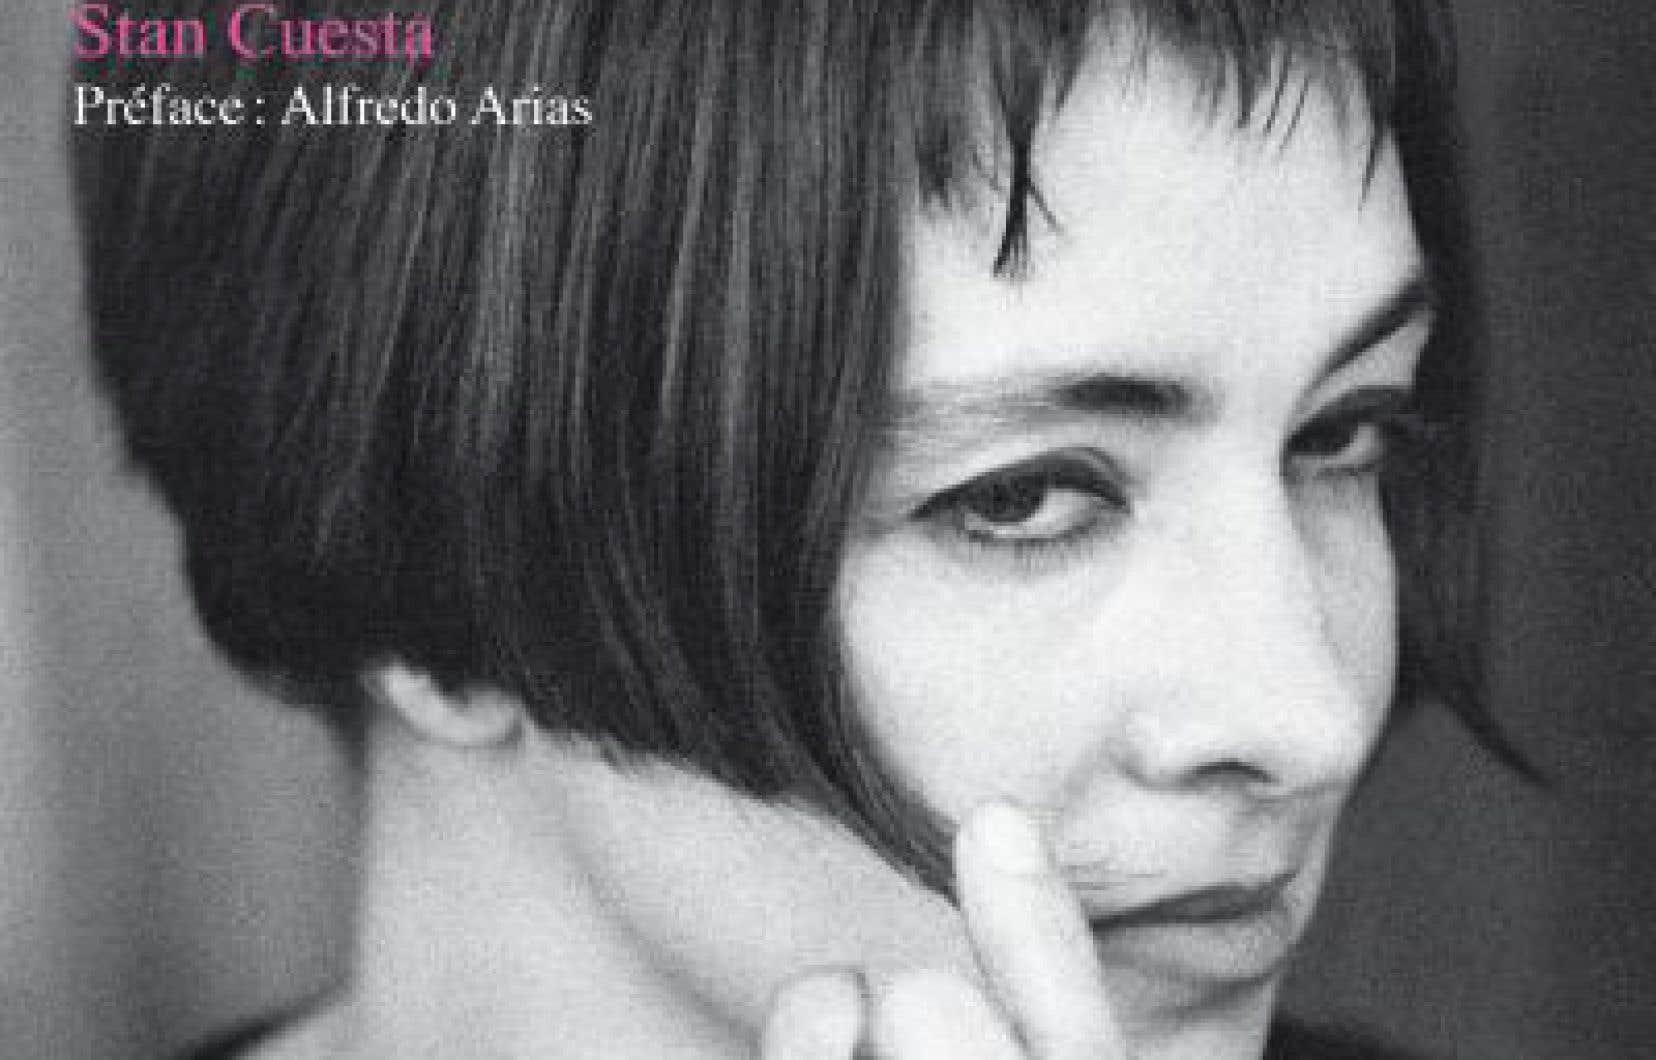 L'auteur, qui a aussi mené une carrière musicale dans les années1990, fait revivre avec passion tout un pan de l'histoire de la musique française des années 1970 .